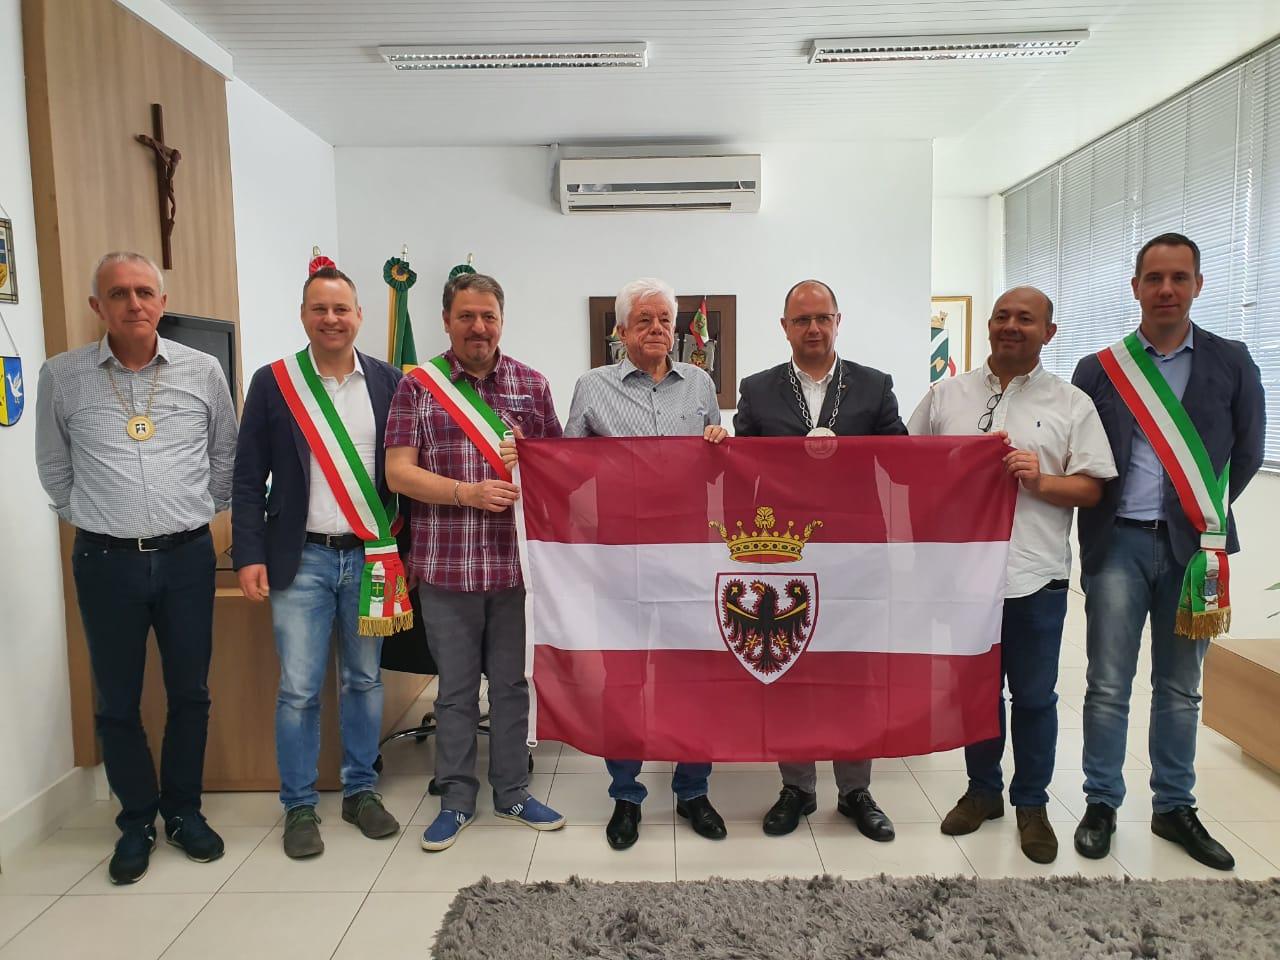 Comitiva de prefeitos da região de Trento, na Itália, visita a cidade de Brusque